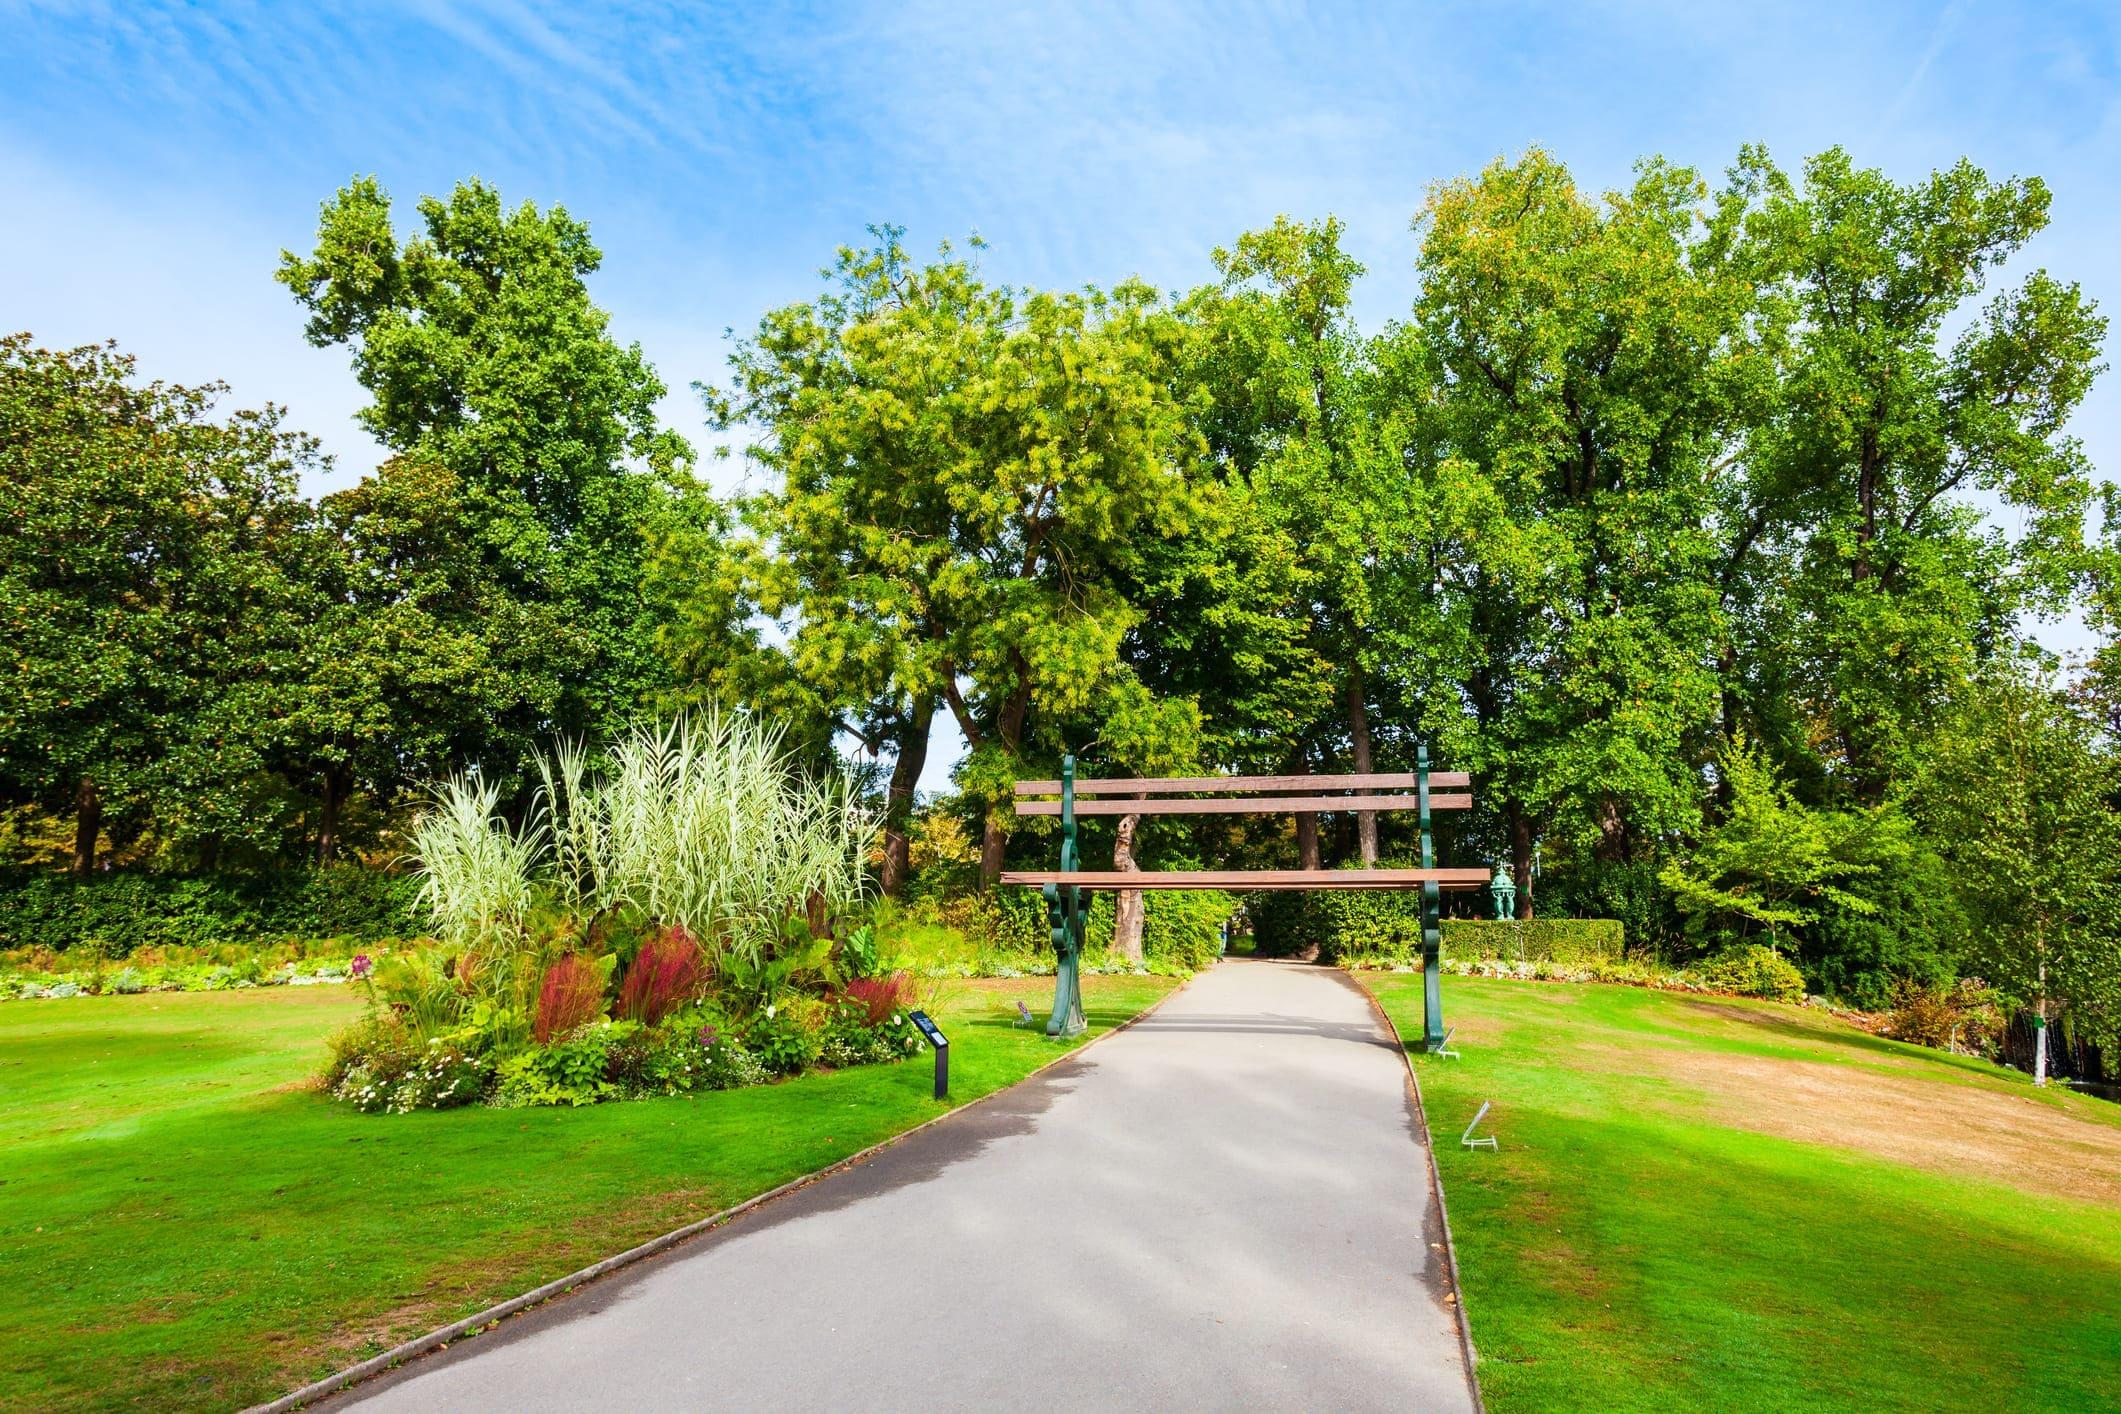 El Jardín de las Plantas de Nantes